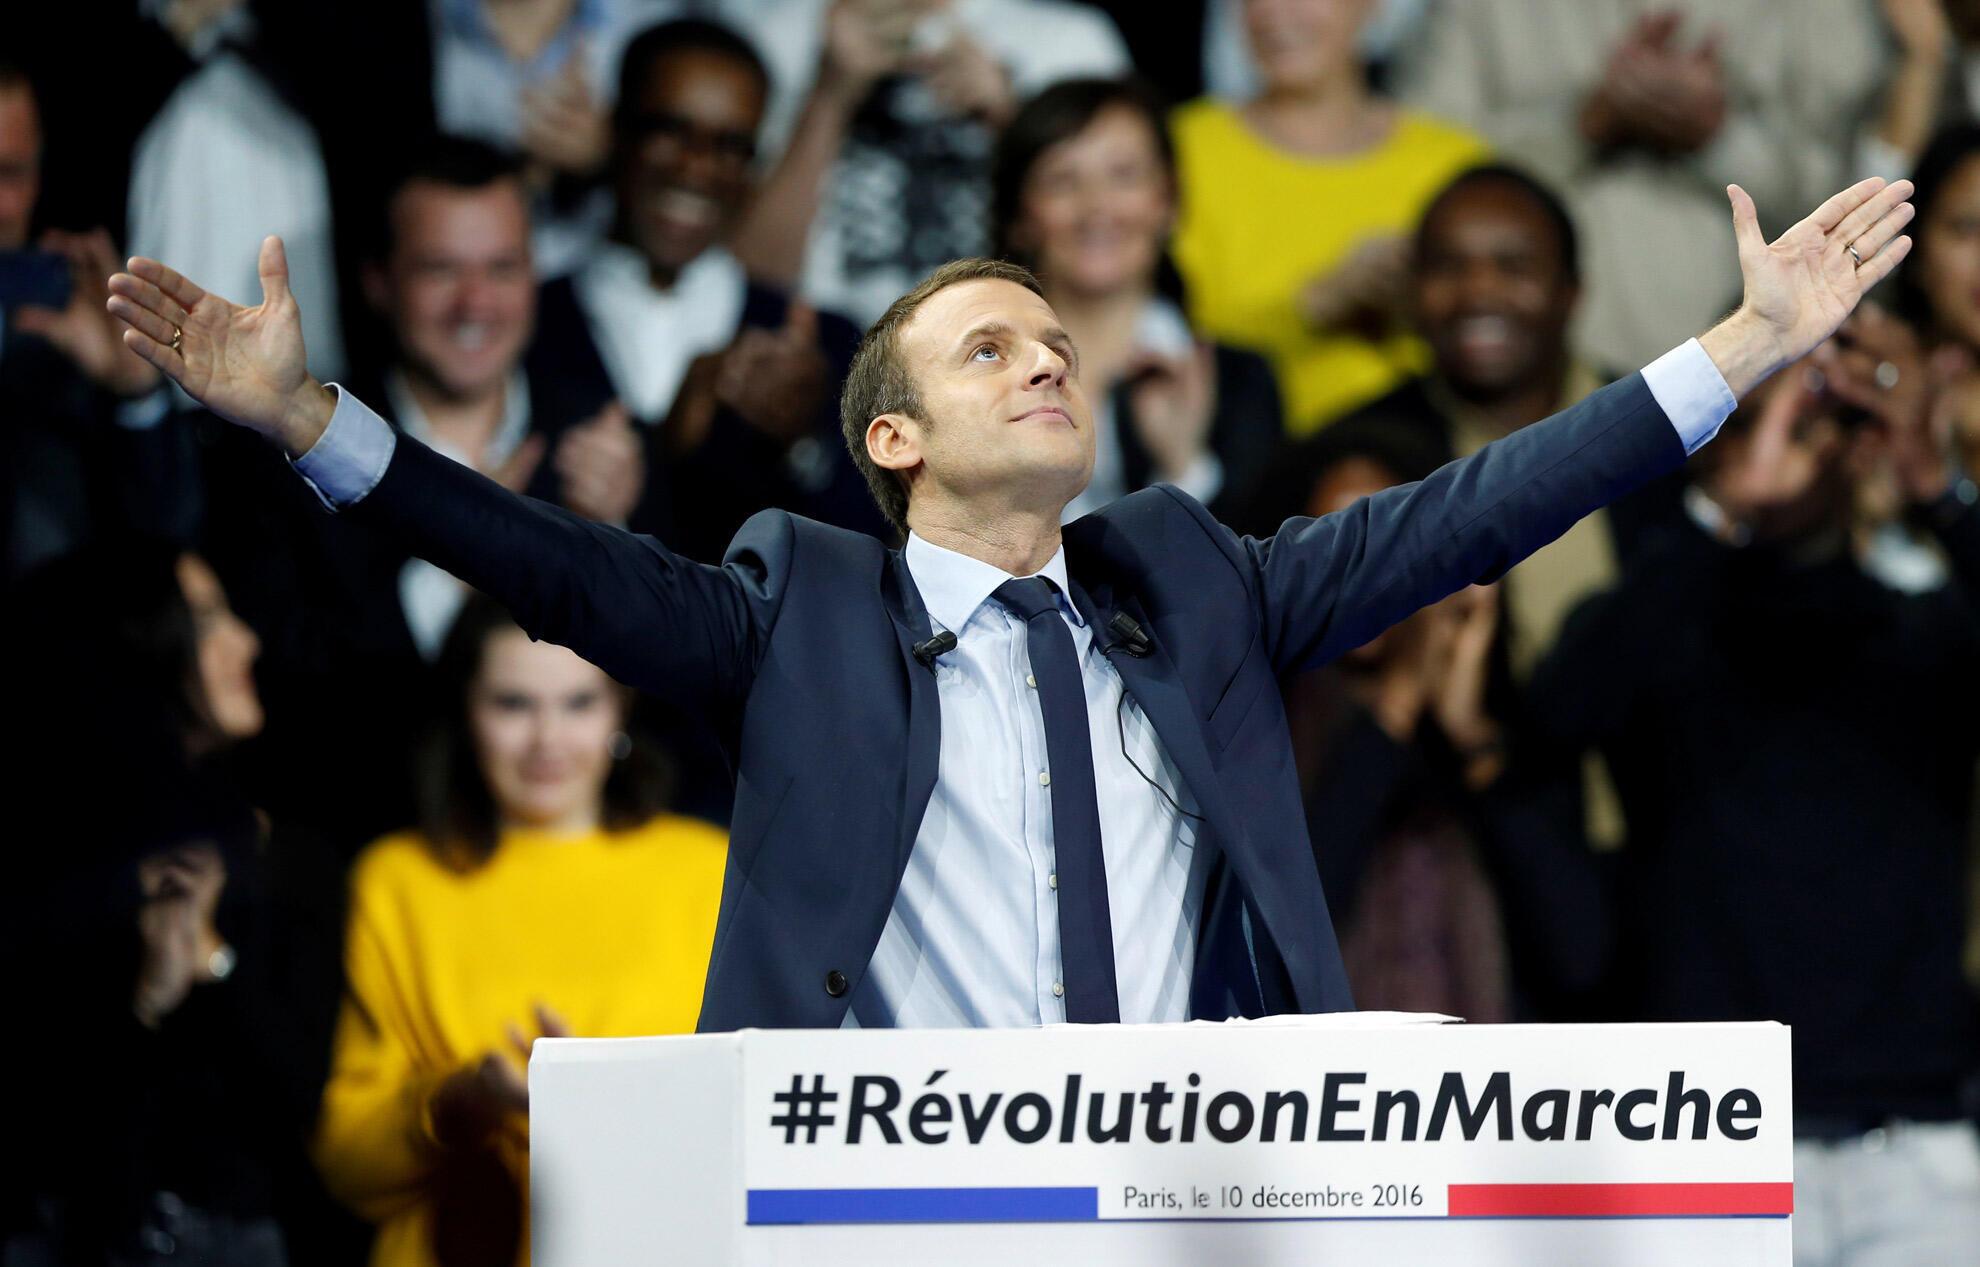 امانوئل ماکرون نامزد مستقل میانه در انتخابات ریاست جمهوری فرانسه